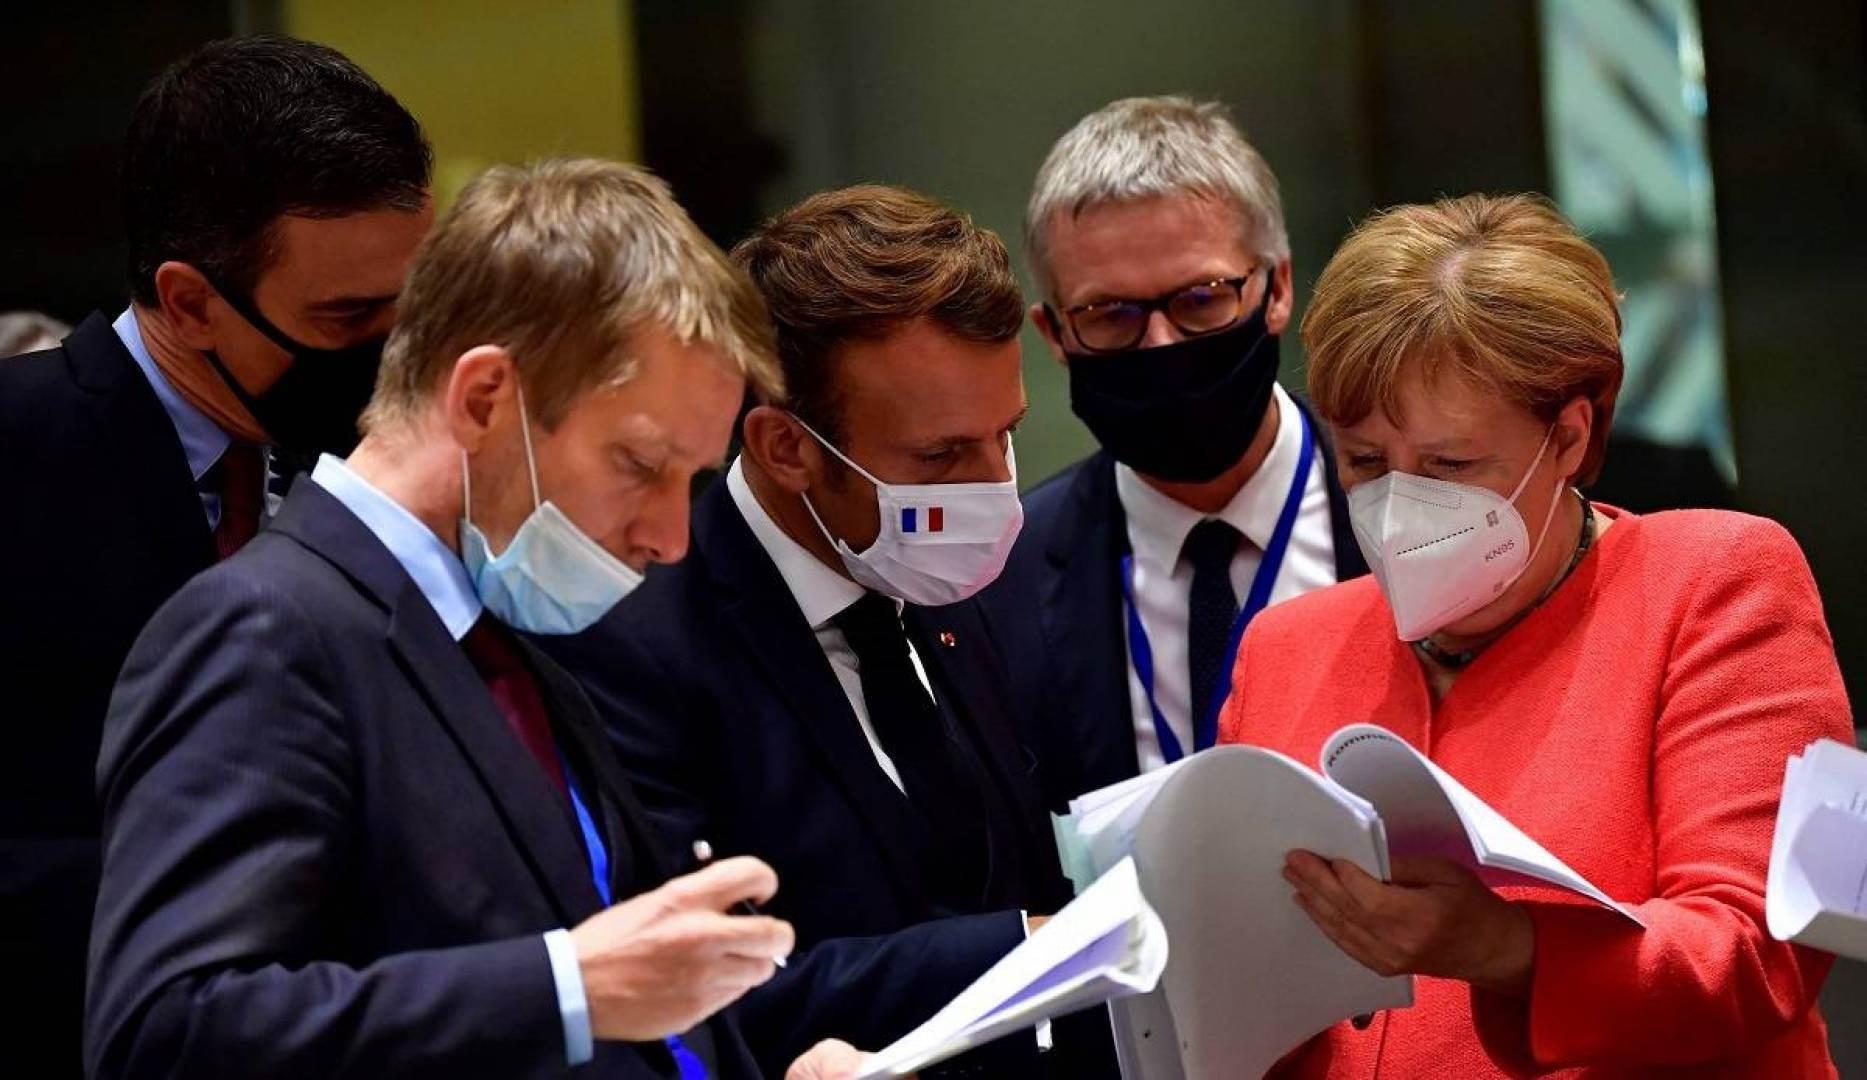 القمة خلصت إلى الاتفاق خطّة تبلغ قيمتها 750 مليار يورو